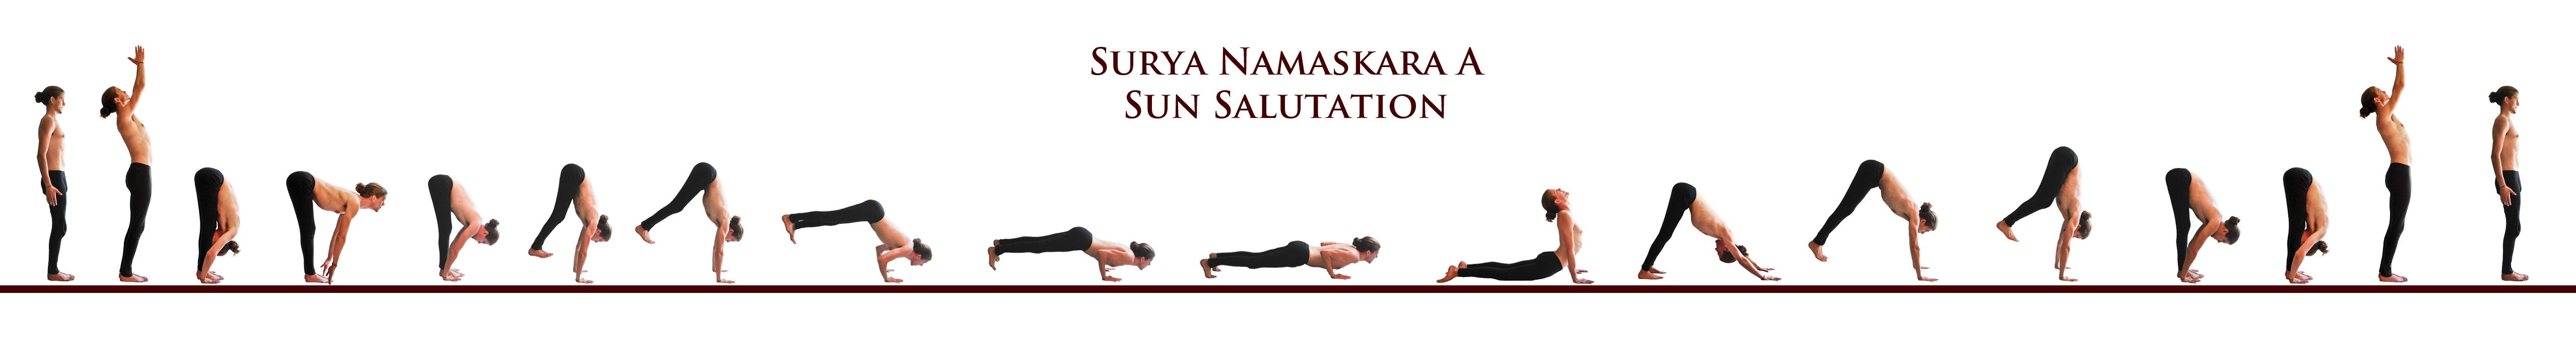 Sun Salutation Surya Namaskara A